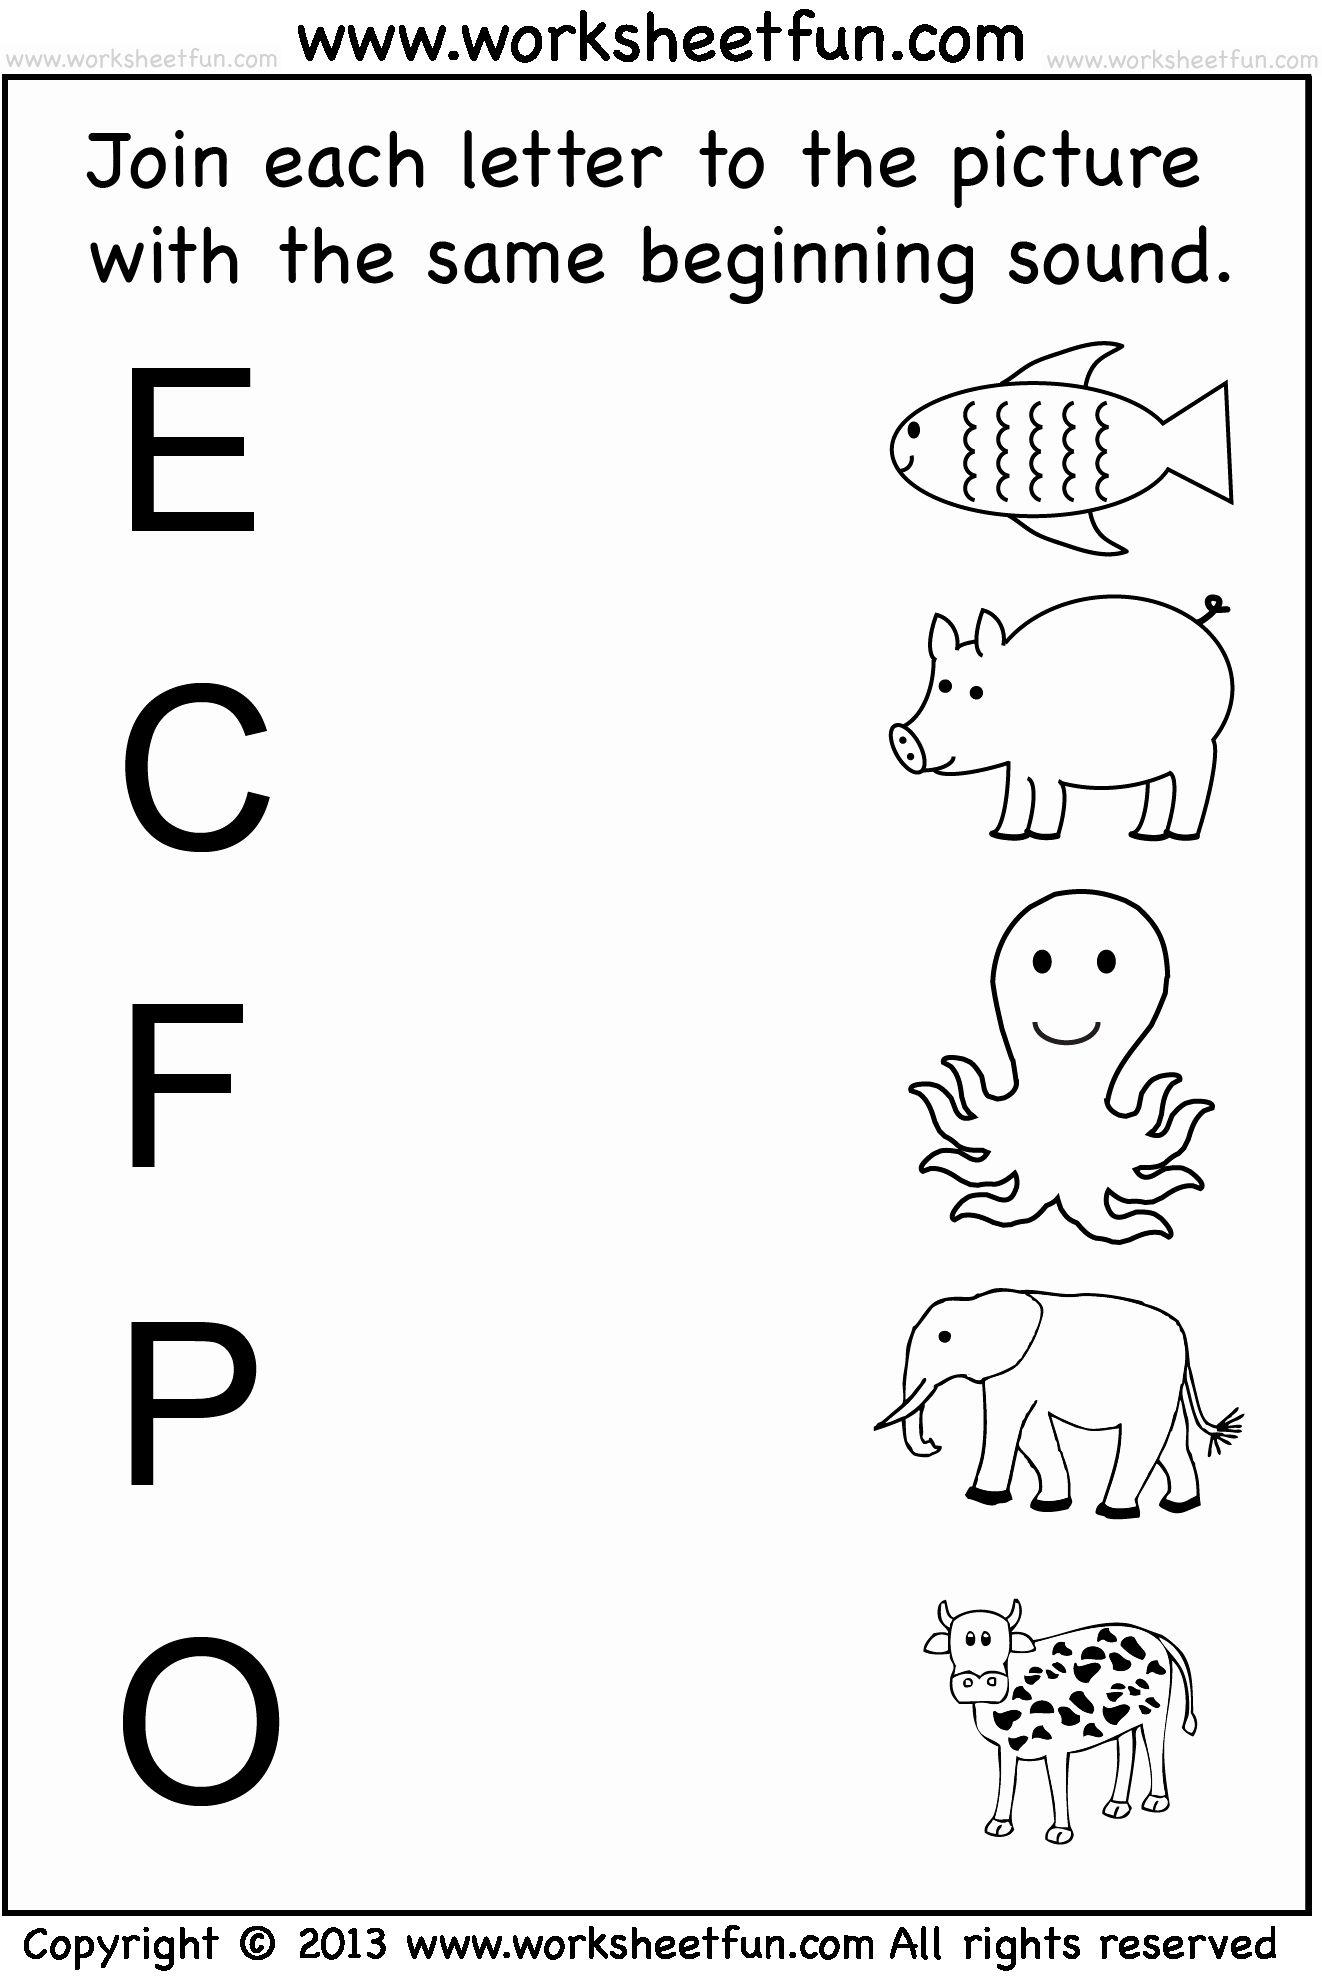 Worksheet For Kindergarten 2 Kindergarten Worksheets Free Printables Free Kindergarten Worksheets Printable Preschool Worksheets